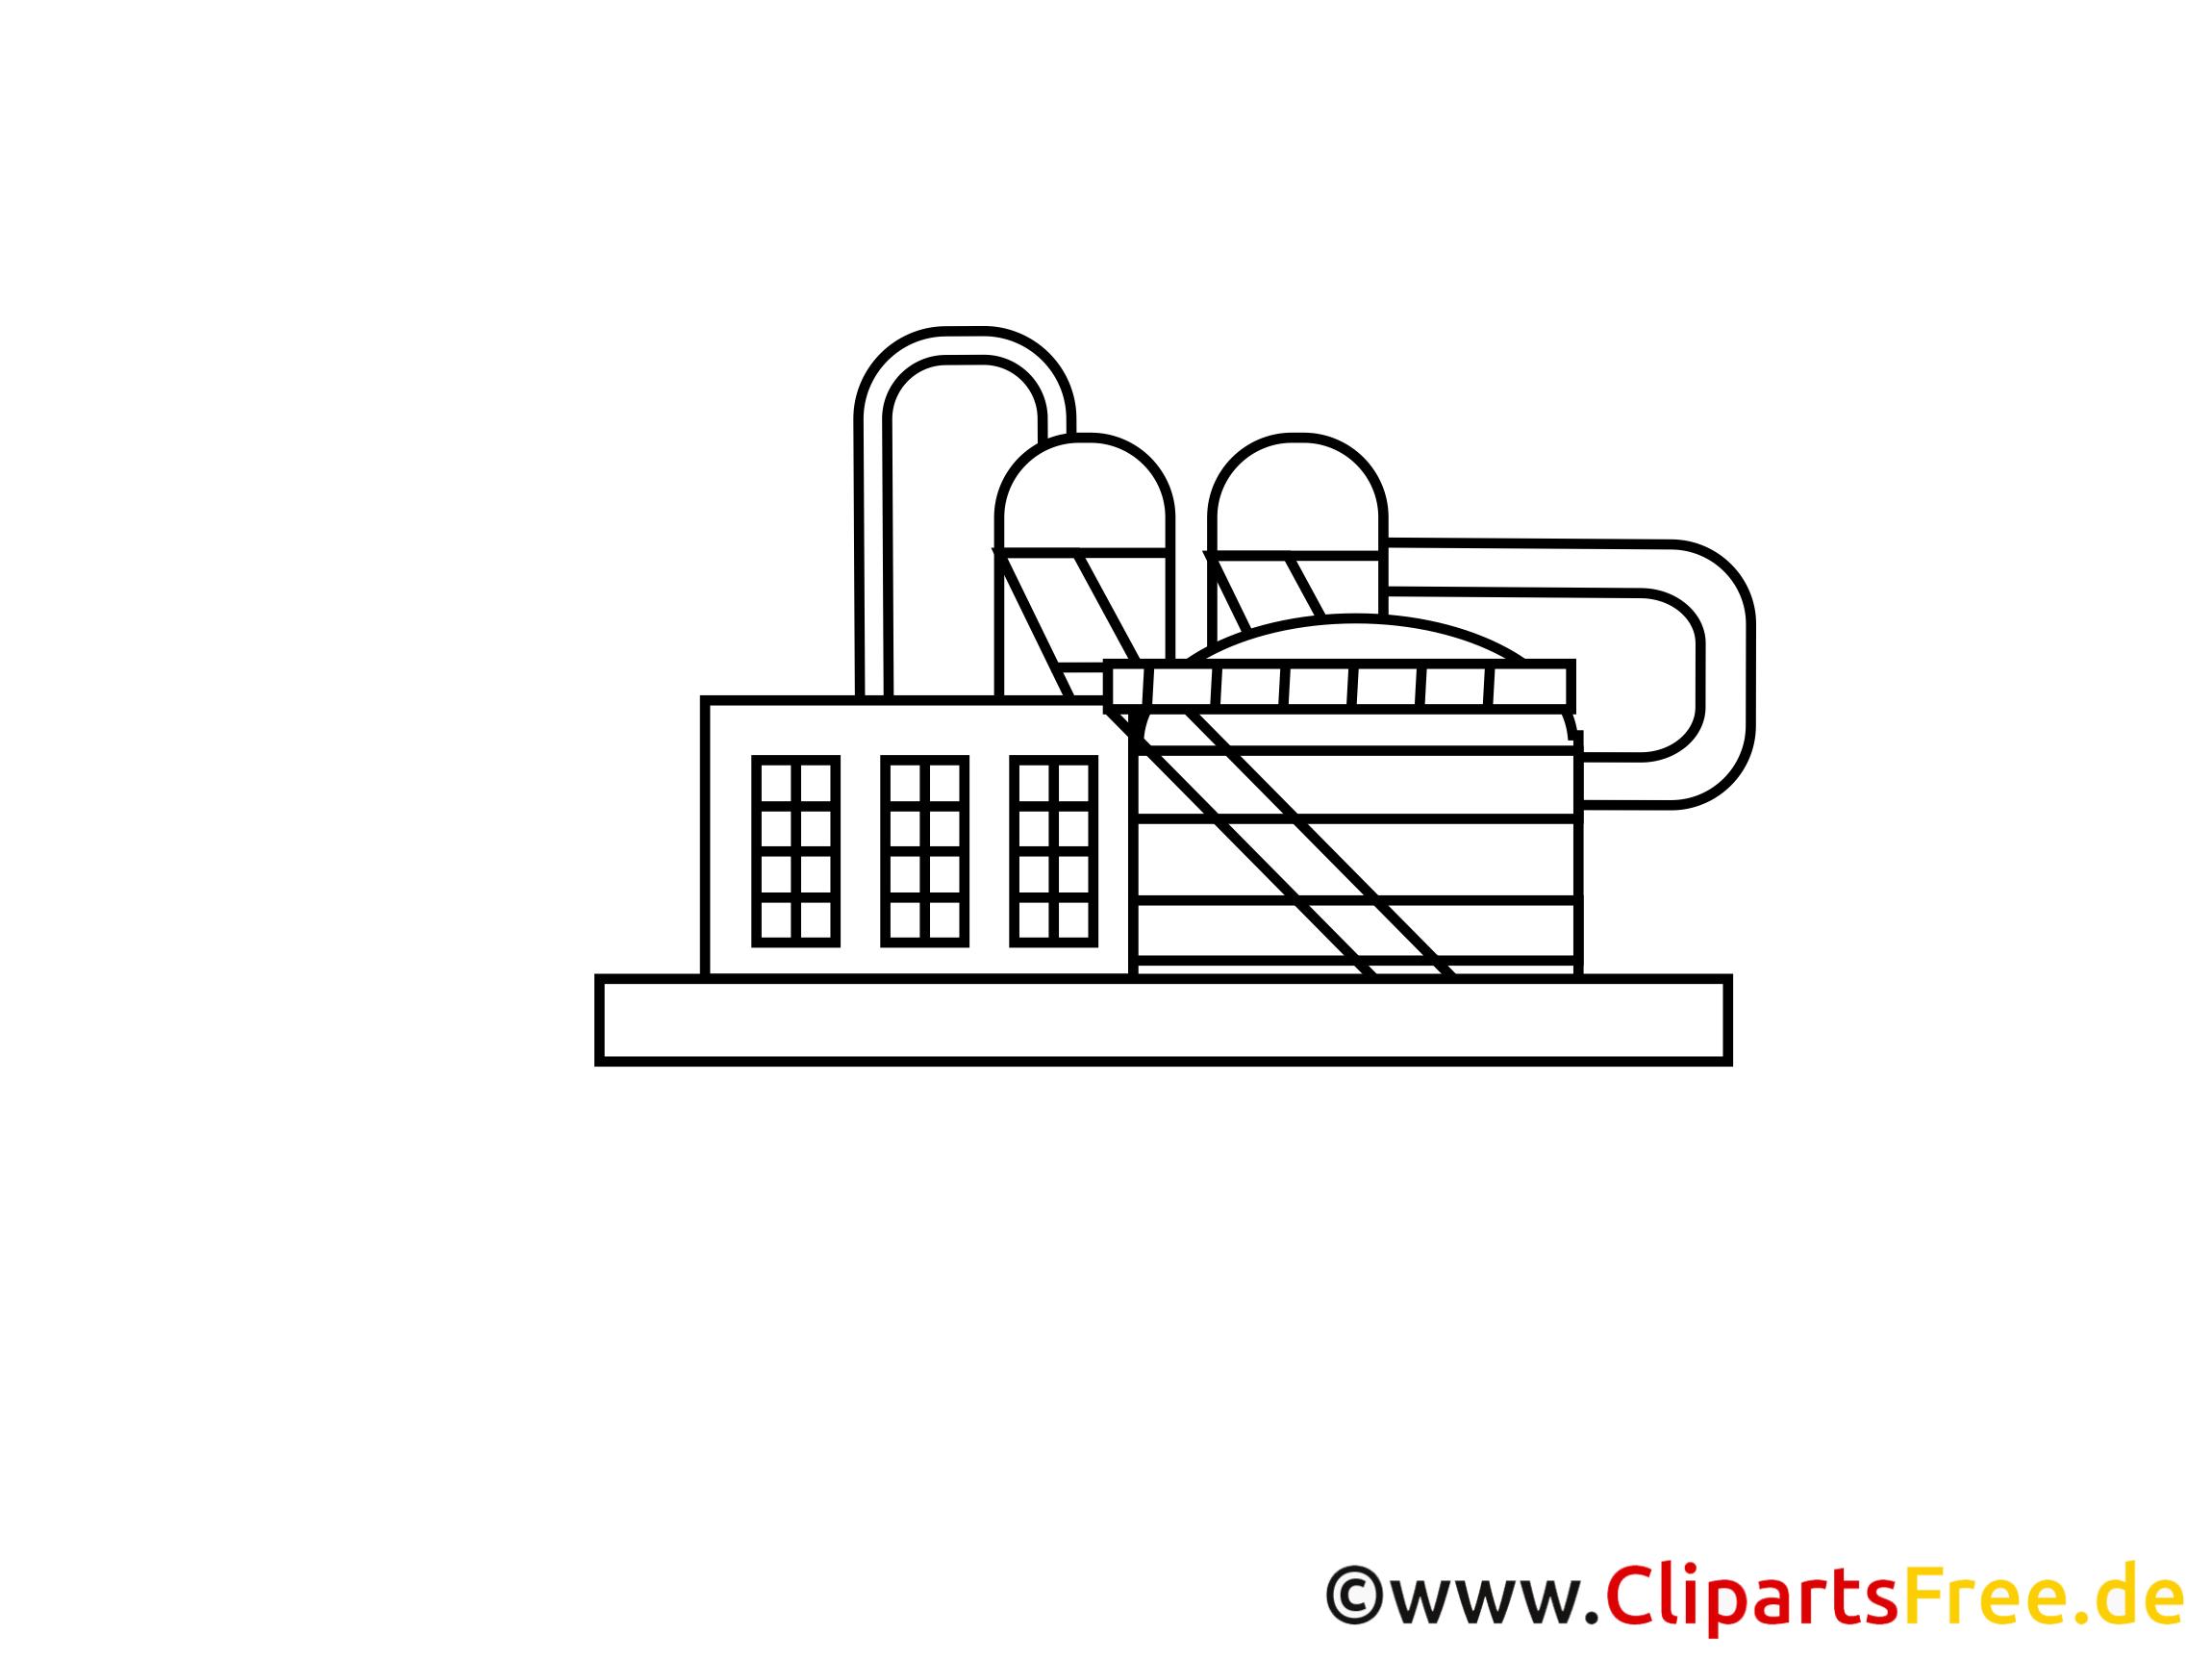 Dessins Gratuits Usine A Imprimer Industrie Clipart Industrie Banque I Images Dessin Picture Image Graphic Clip Art Telecharger Gratuit